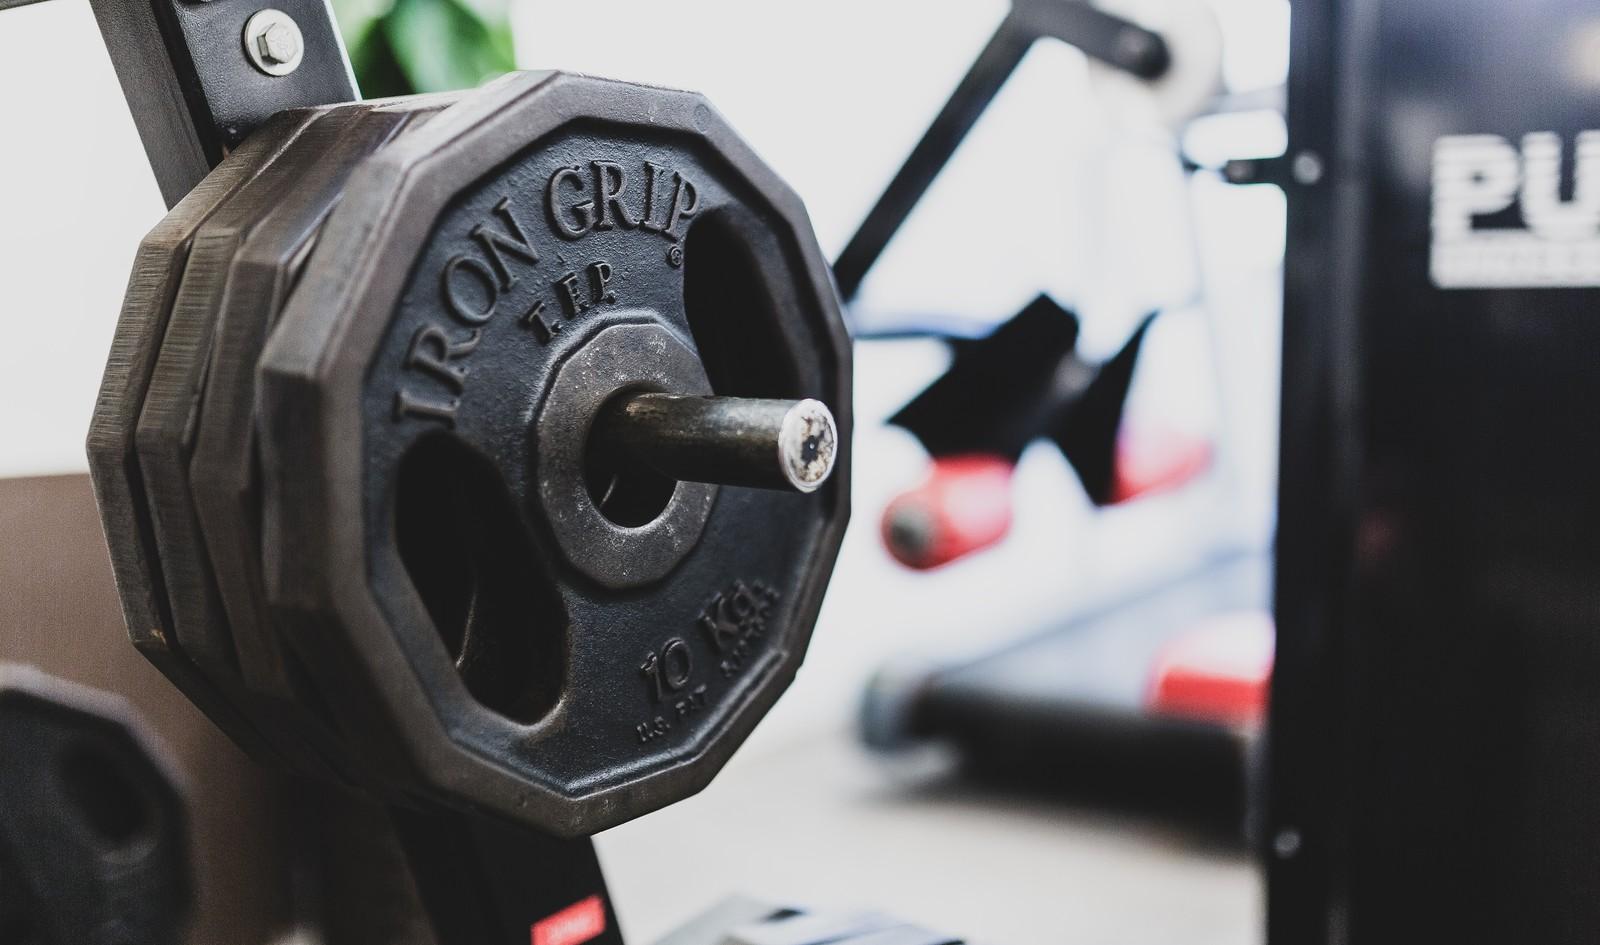 【安い順】香川のパーソナルトレーニングジム4選おすすめランキング|プライベートジム・ダイエットジムなど